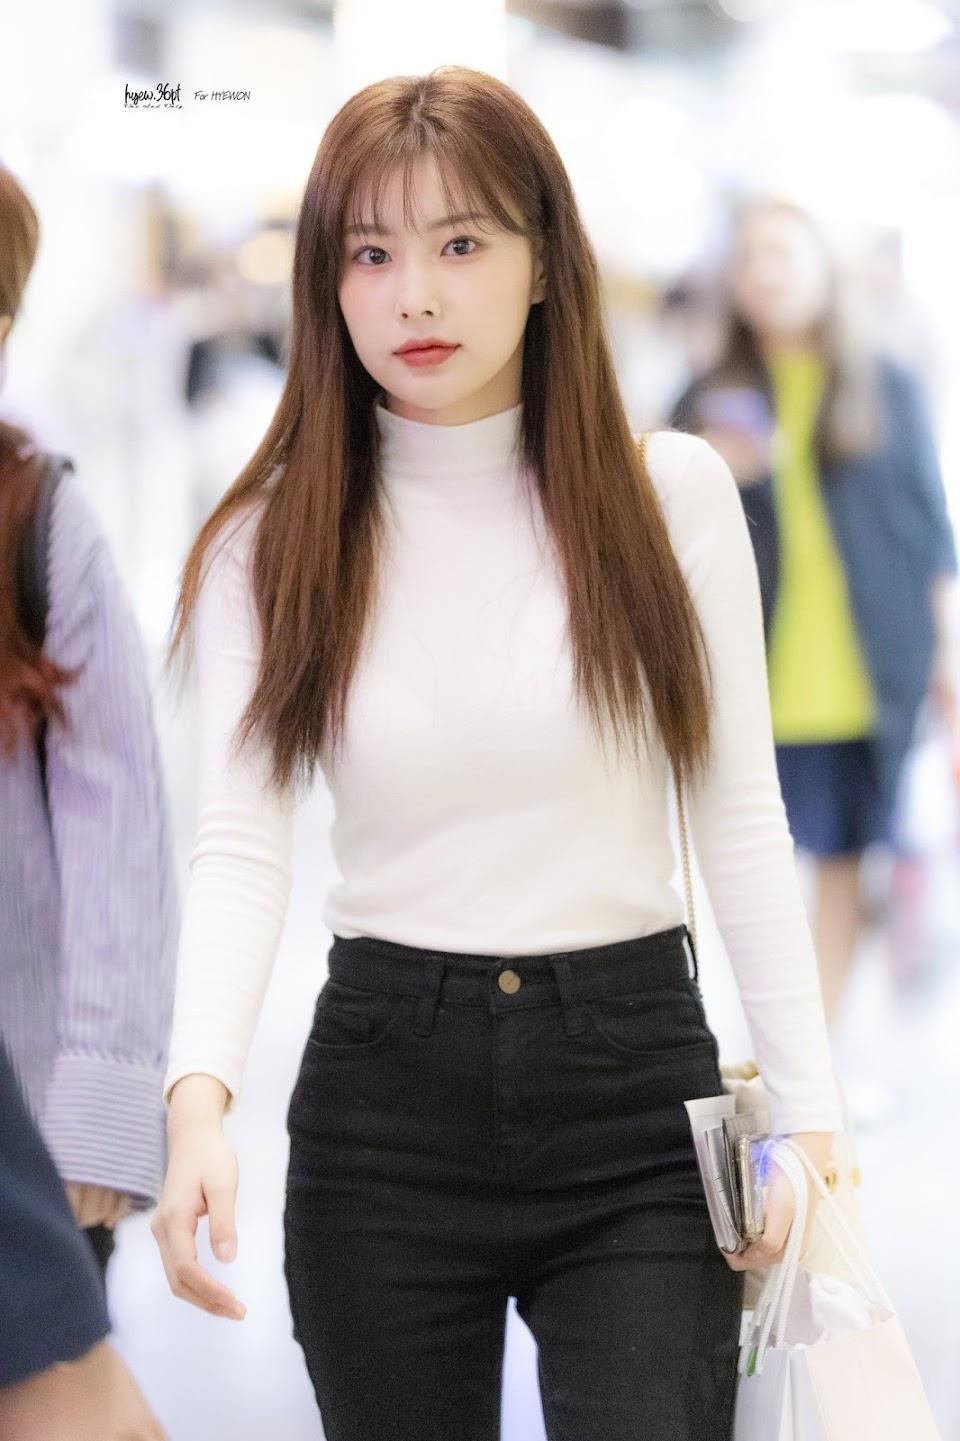 hyewon waist 21